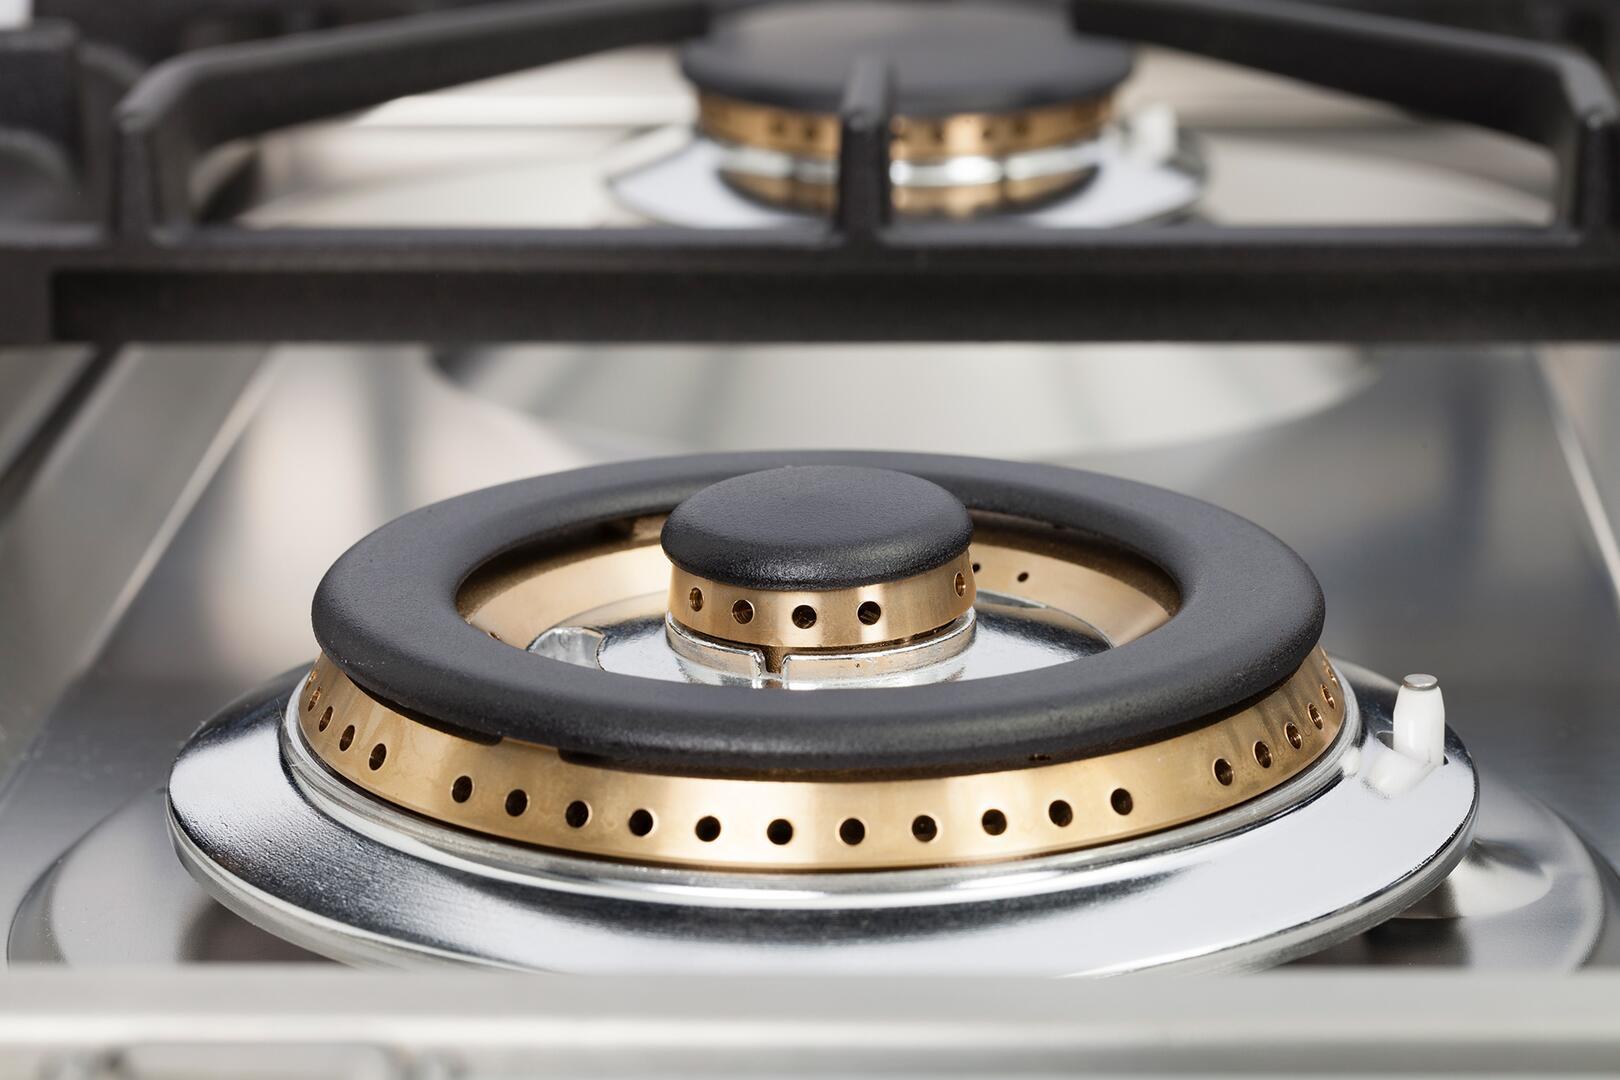 Ilve Professional Plus UPDW100FDMPMLP Freestanding Dual Fuel Range Gray, Burner Details View